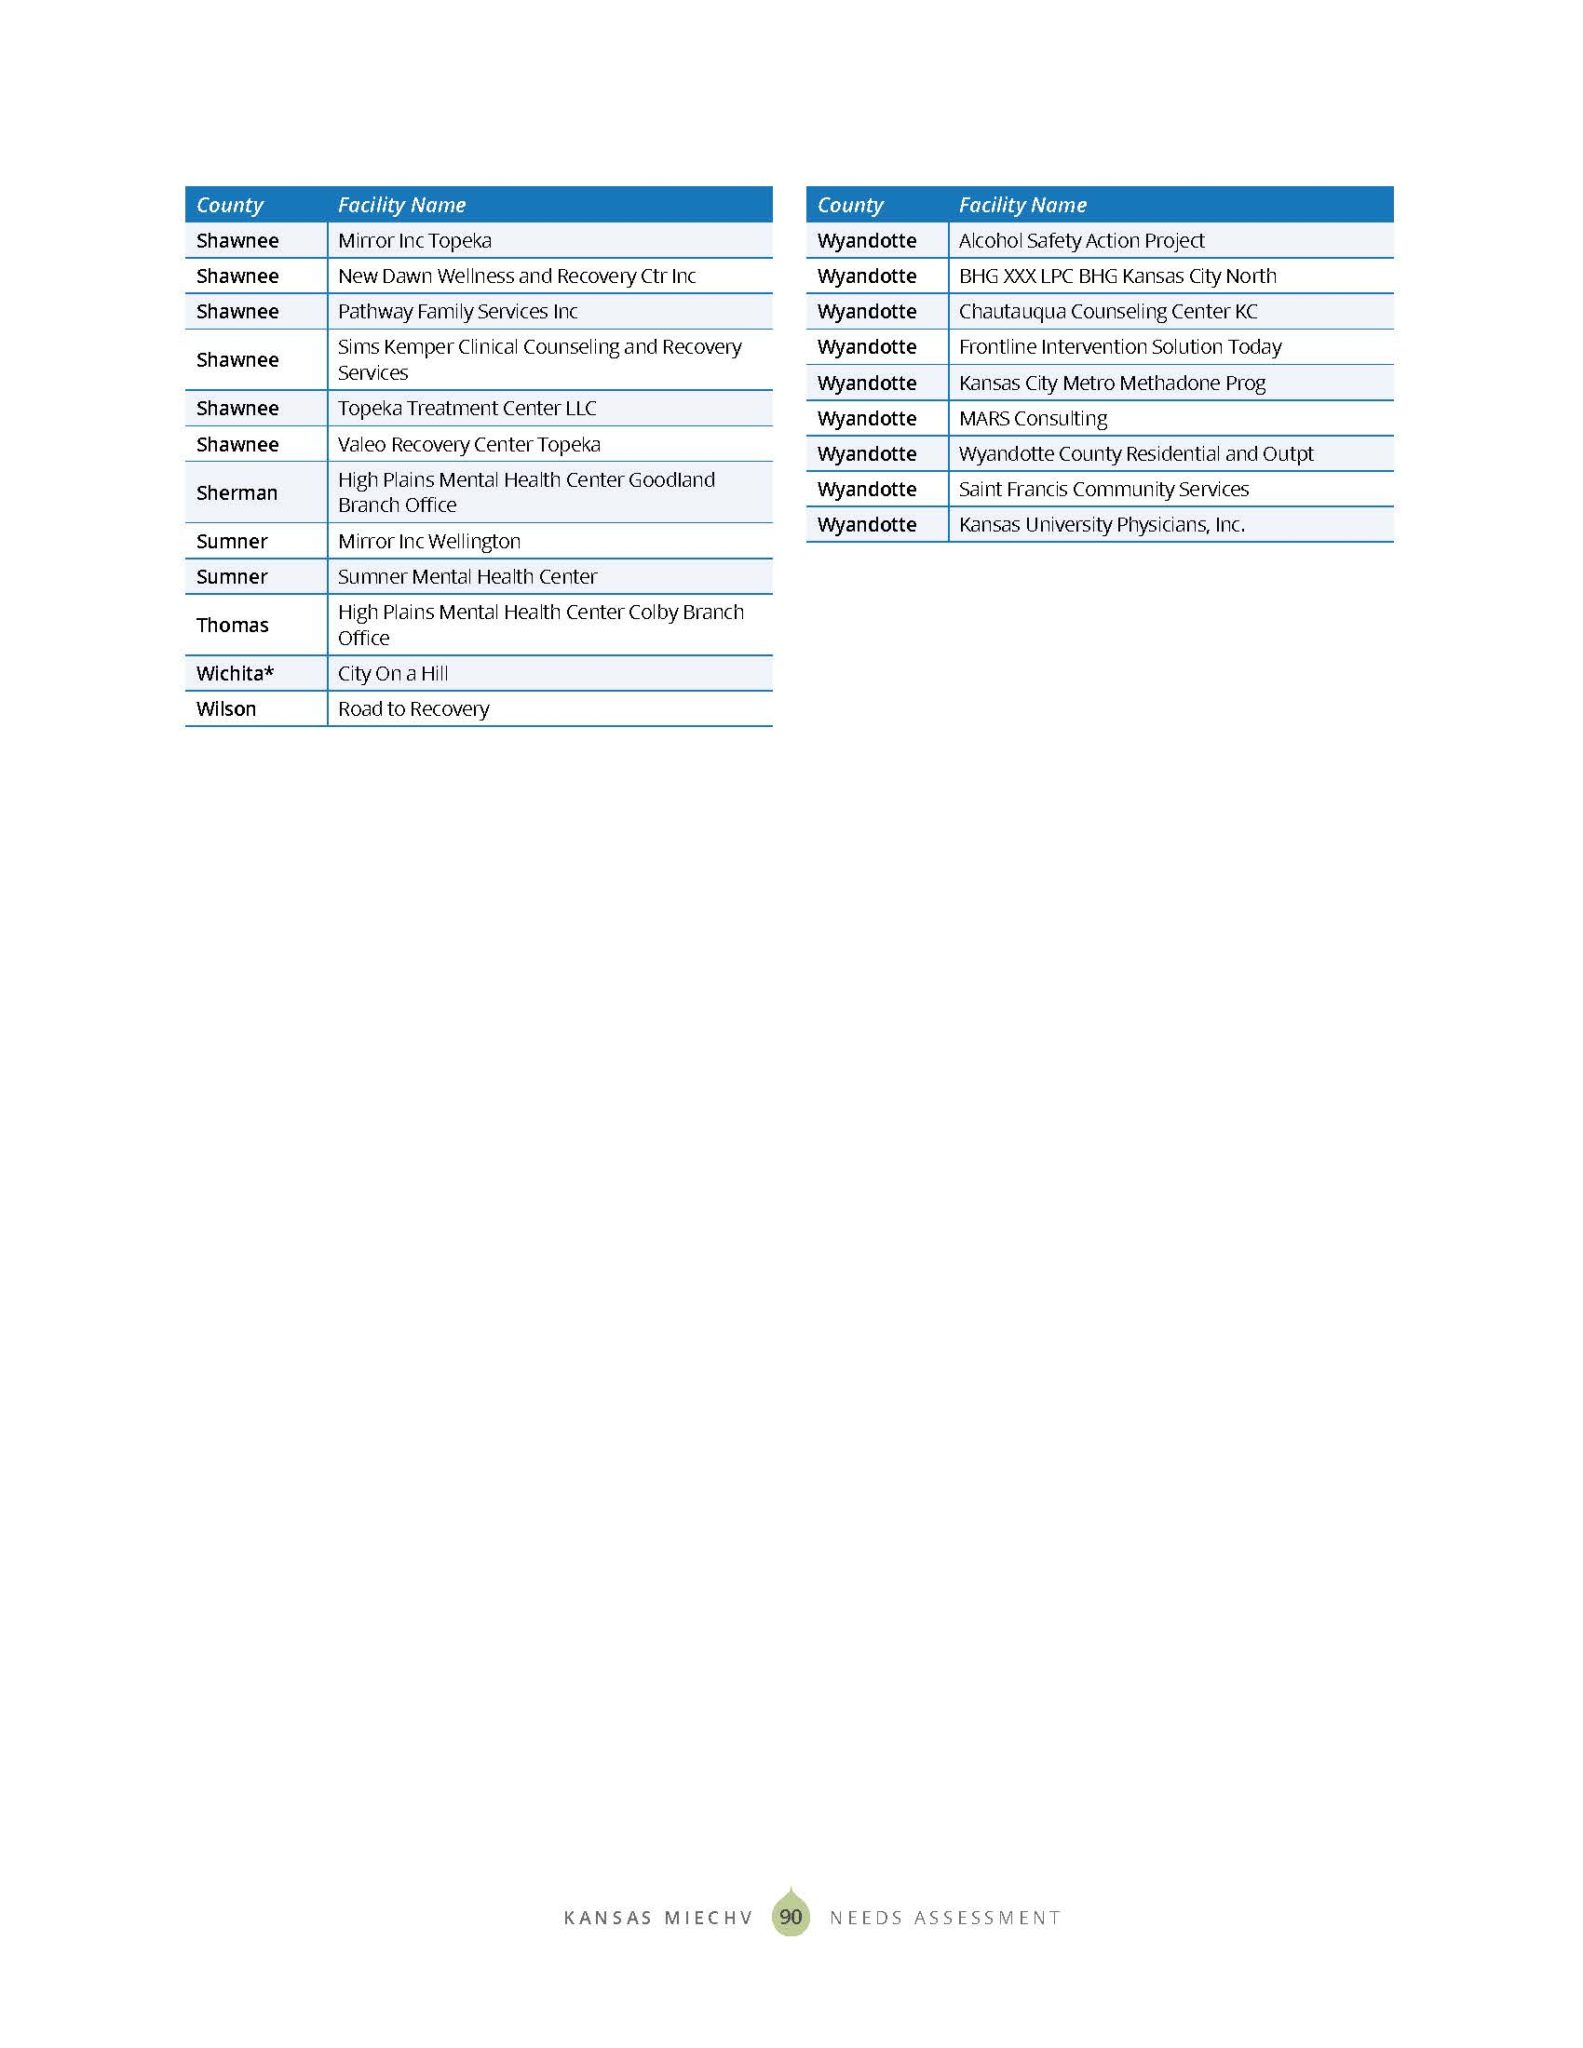 KS MIECHV 2020 Needs Assessment_DIGITAL_Page_098